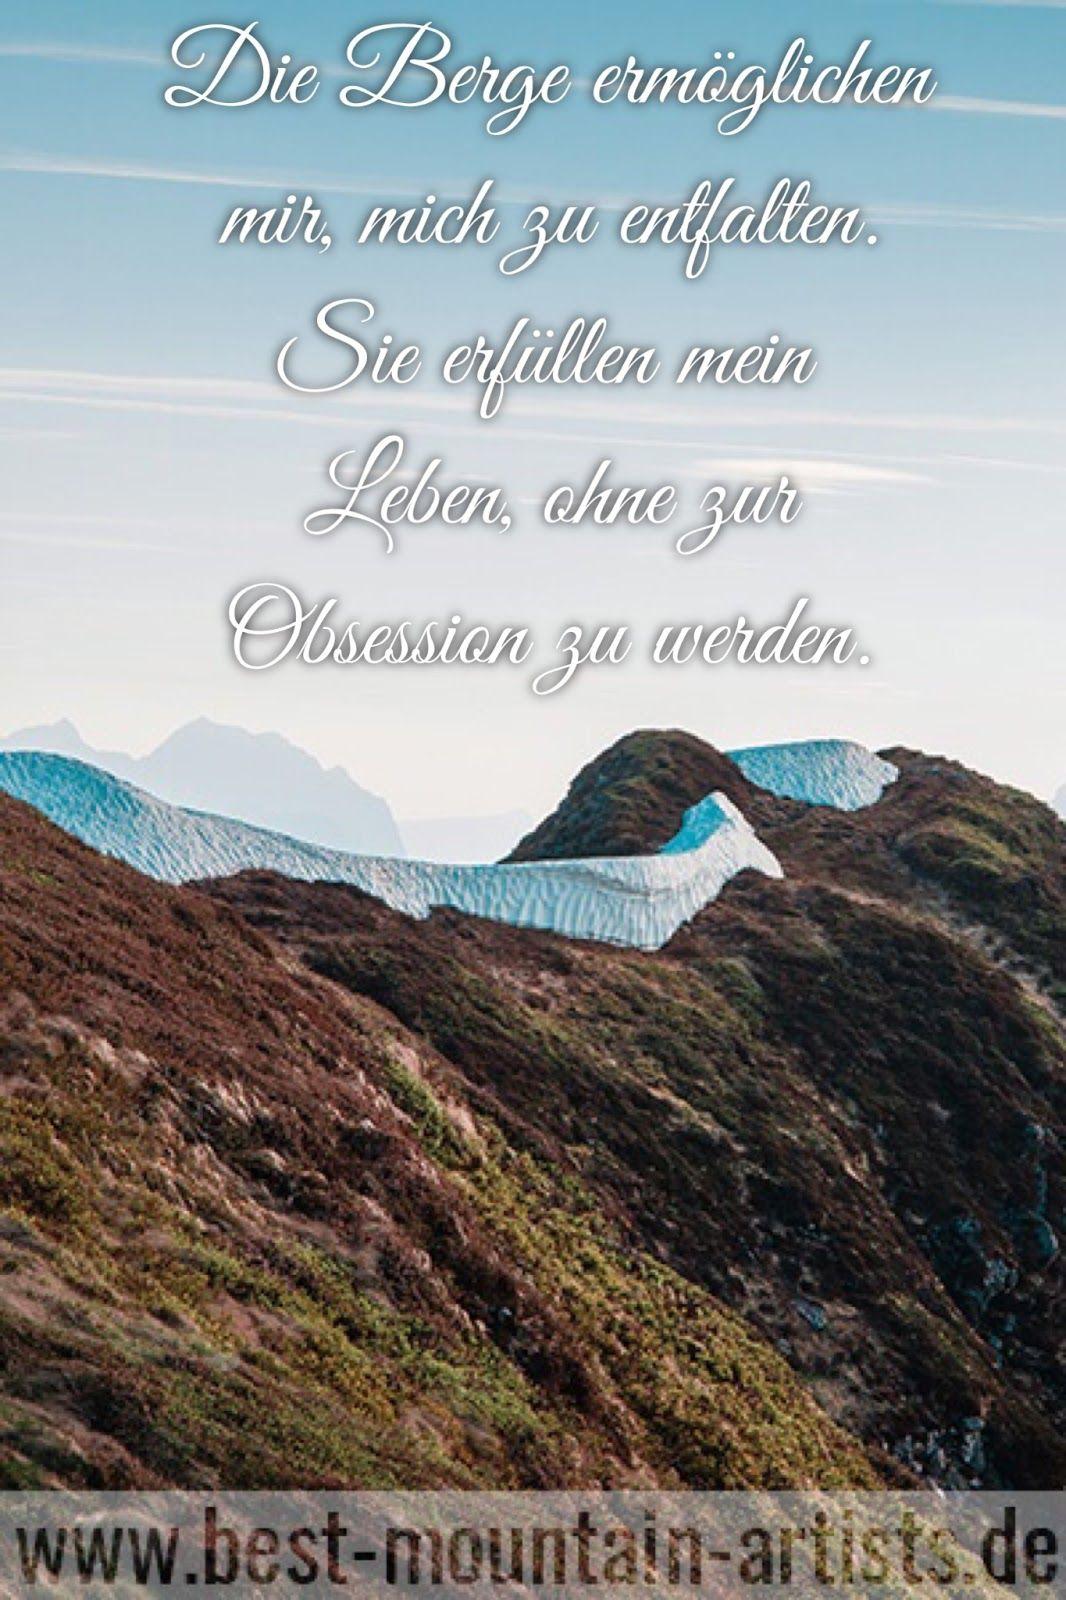 Die 100 Besten Wanderzitate Berge Zitat Wand Berge Spruche Und